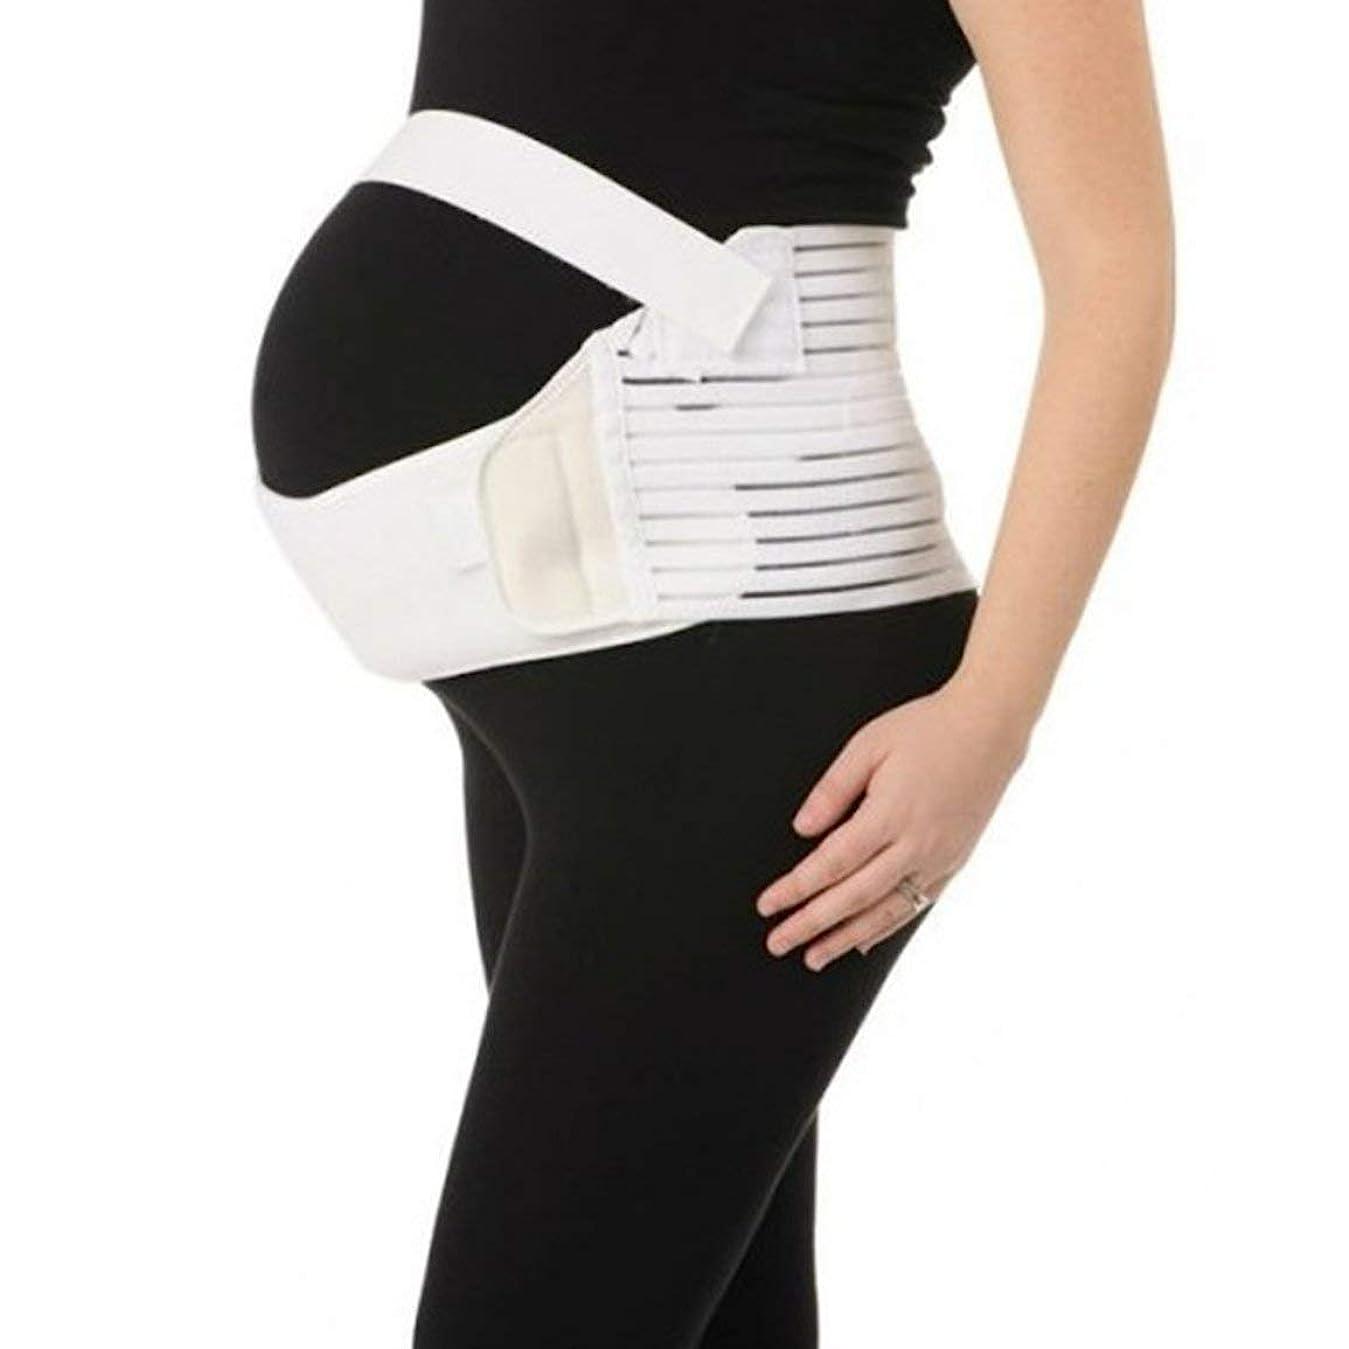 貸し手破壊するアラート通気性マタニティベルト妊娠腹部サポート腹部バインダーガードル運動包帯産後の回復shapewear - ホワイトL